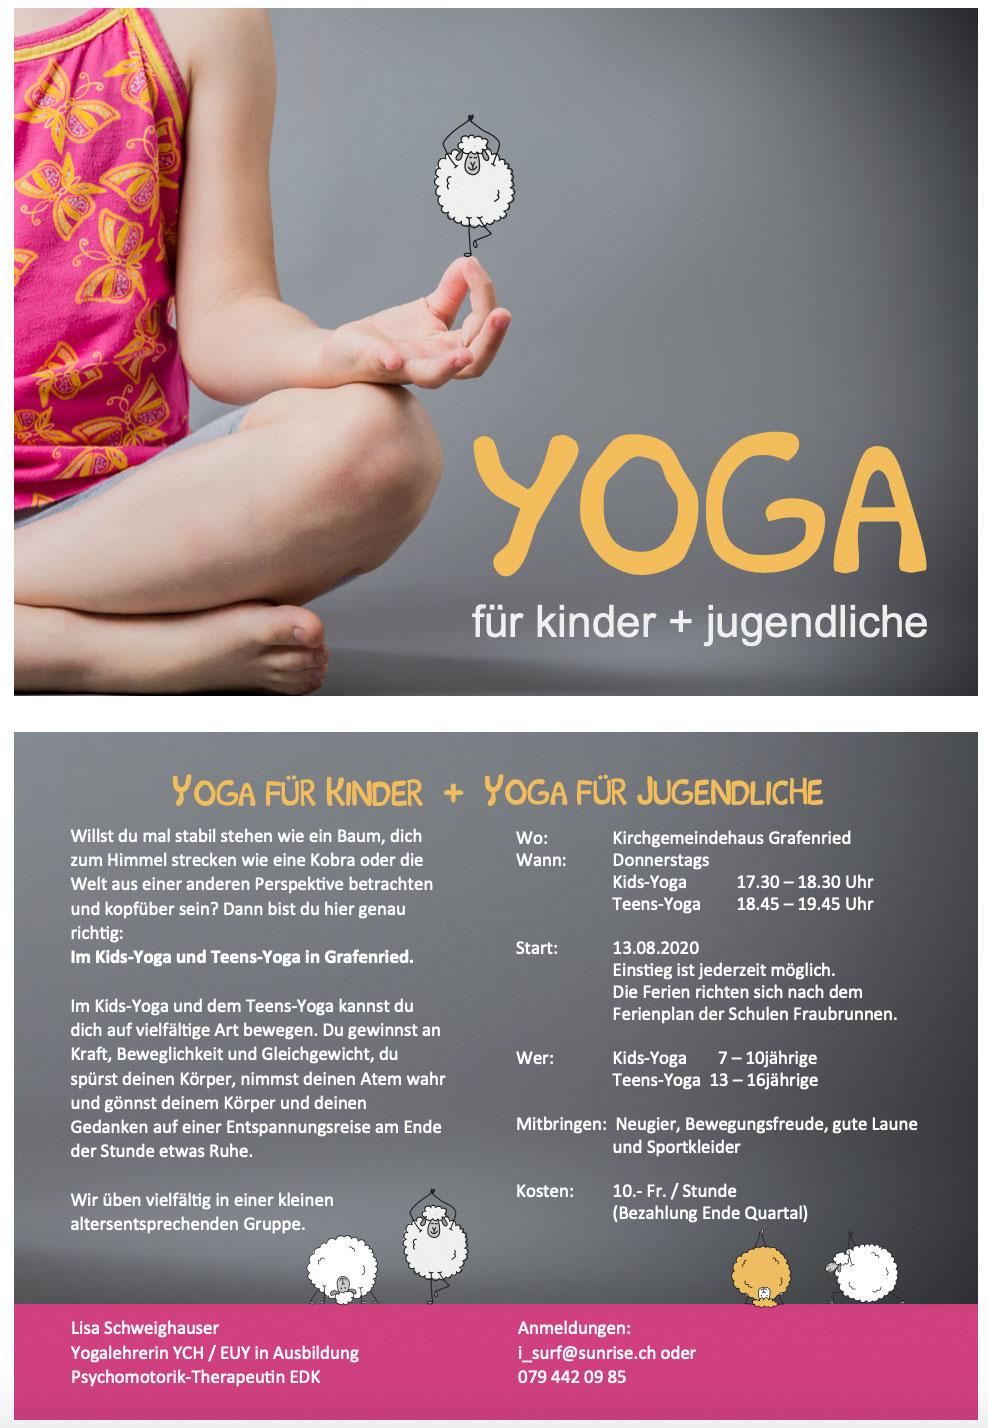 """Flyer für """"Yoga für Kinder + Jugendliche"""" - Druckatelier46"""